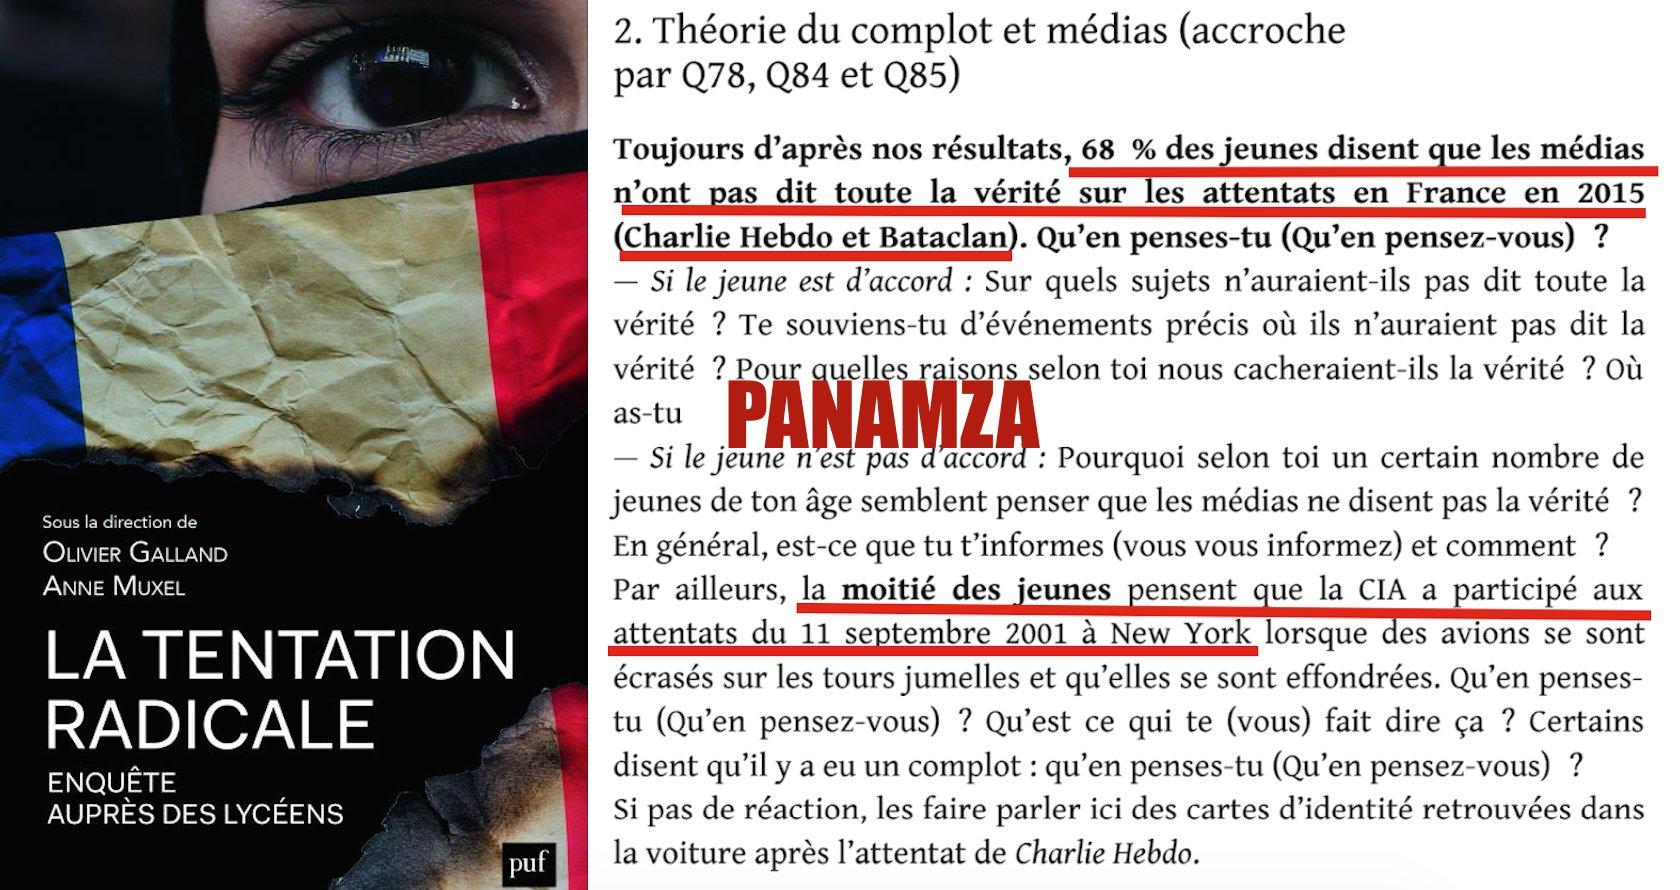 L'effet Panamza : 2 jeunes sur 3 rejettent la version officielle des attentats de 2015